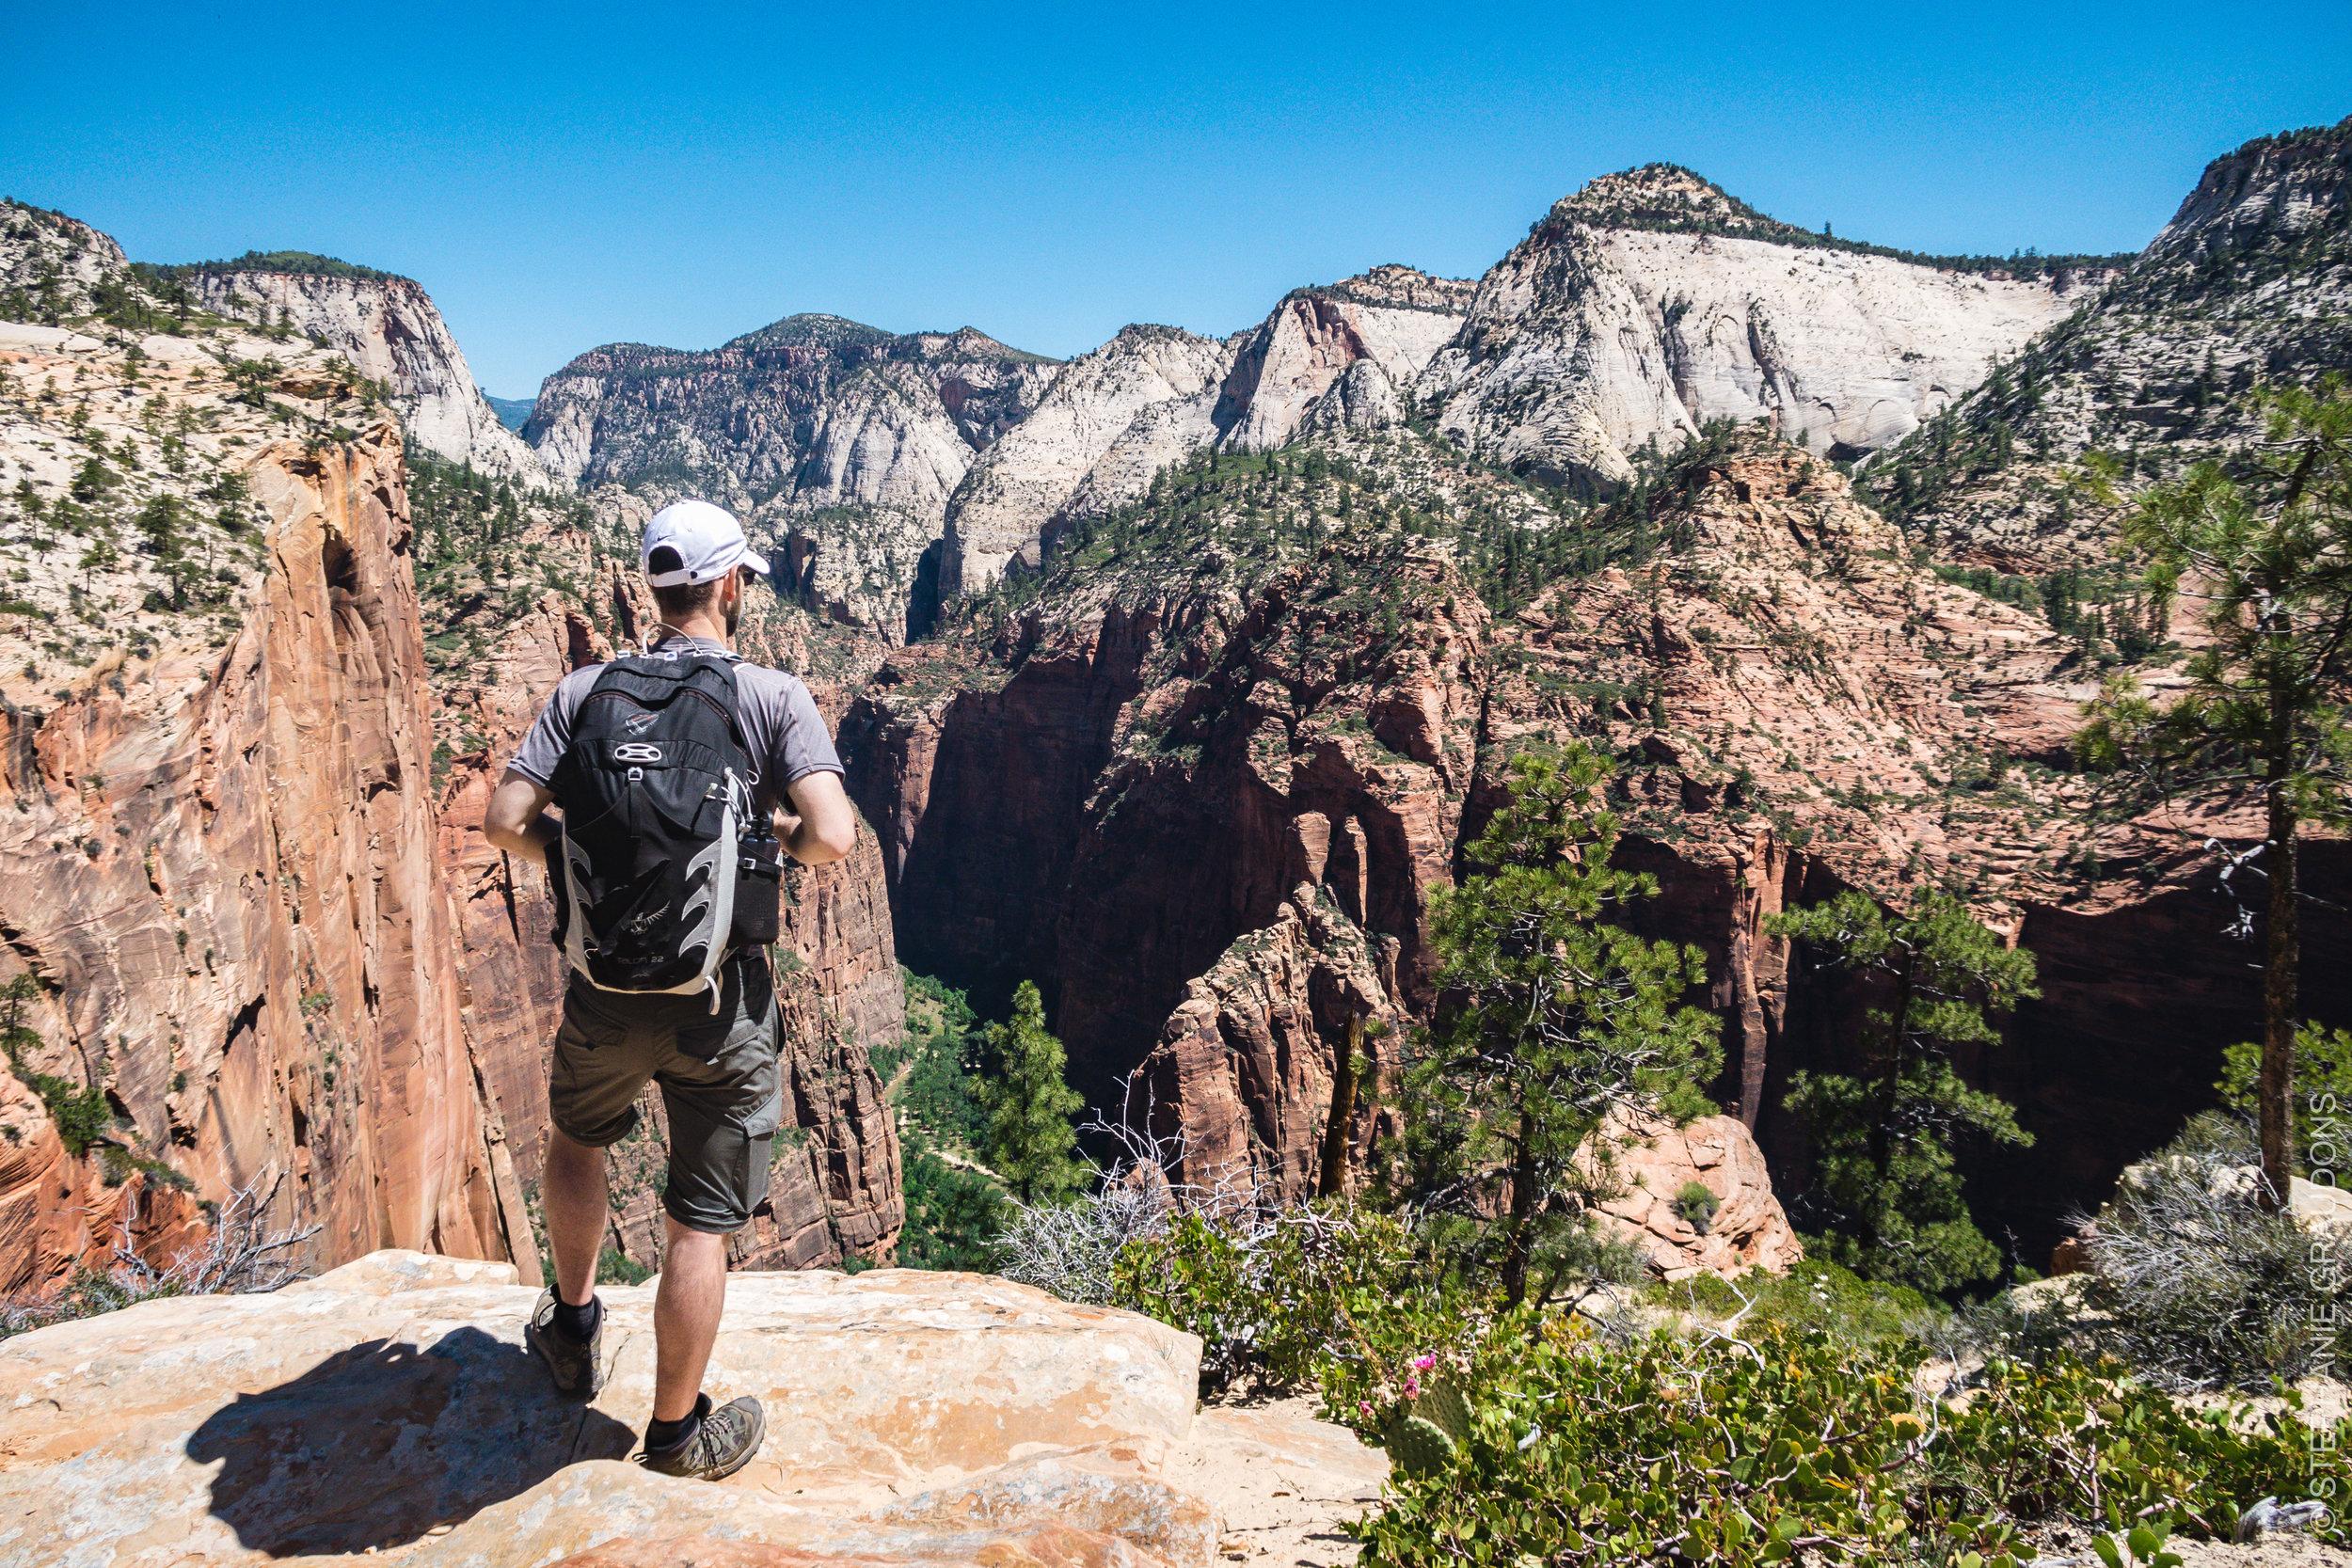 WM-Zion-National-Park-2039.jpg